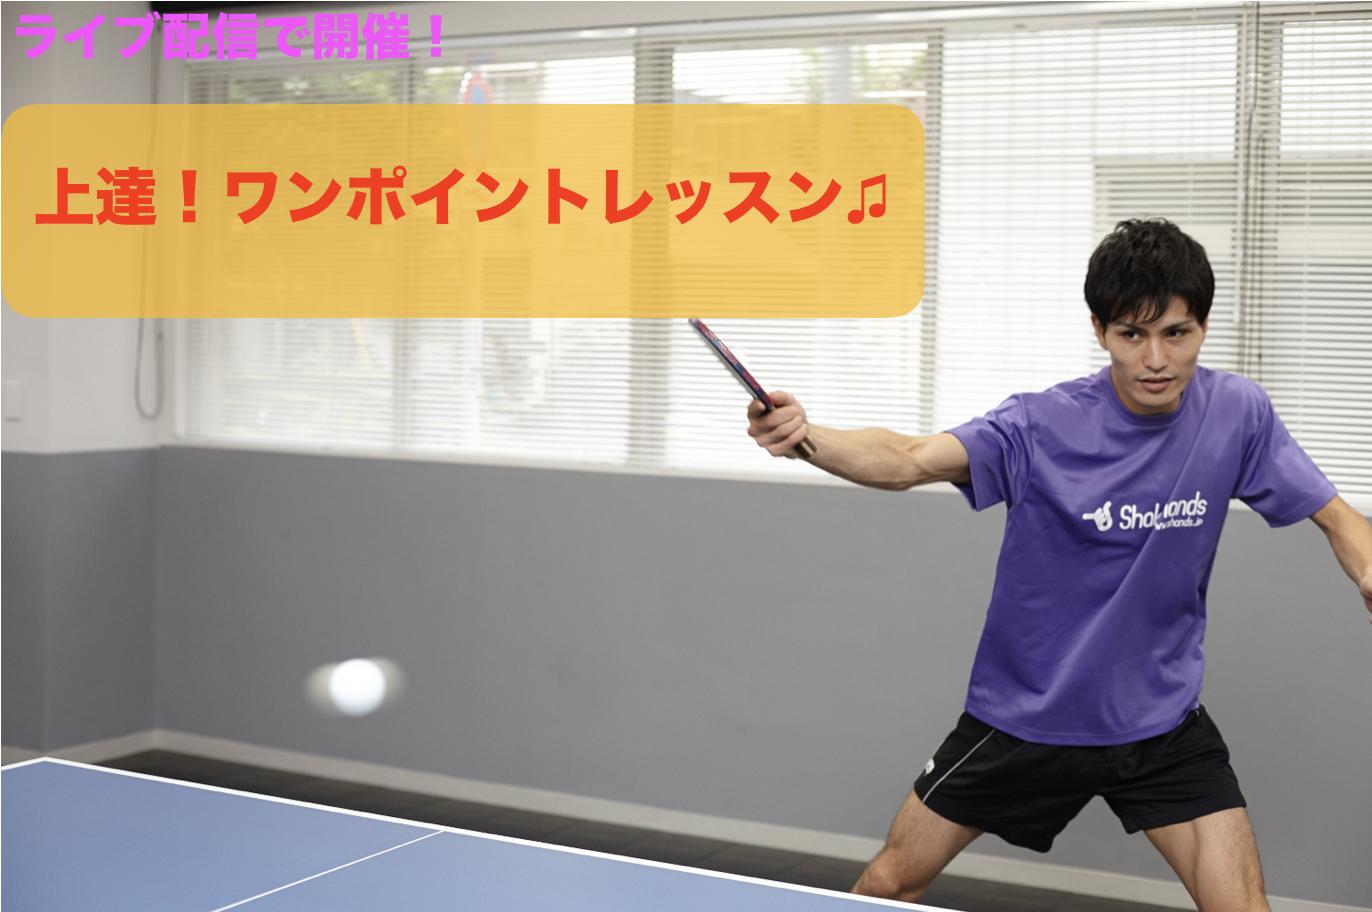 【ライブ】平屋コーチのワンポイントレッスン開催!